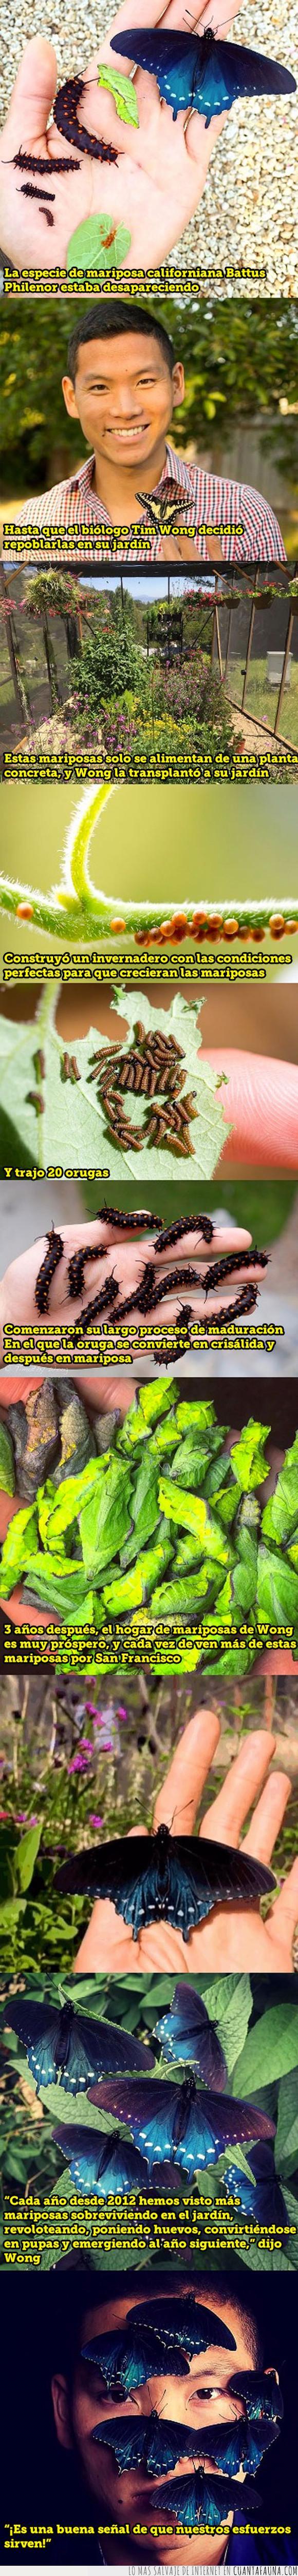 biología,mariposa,repoblar